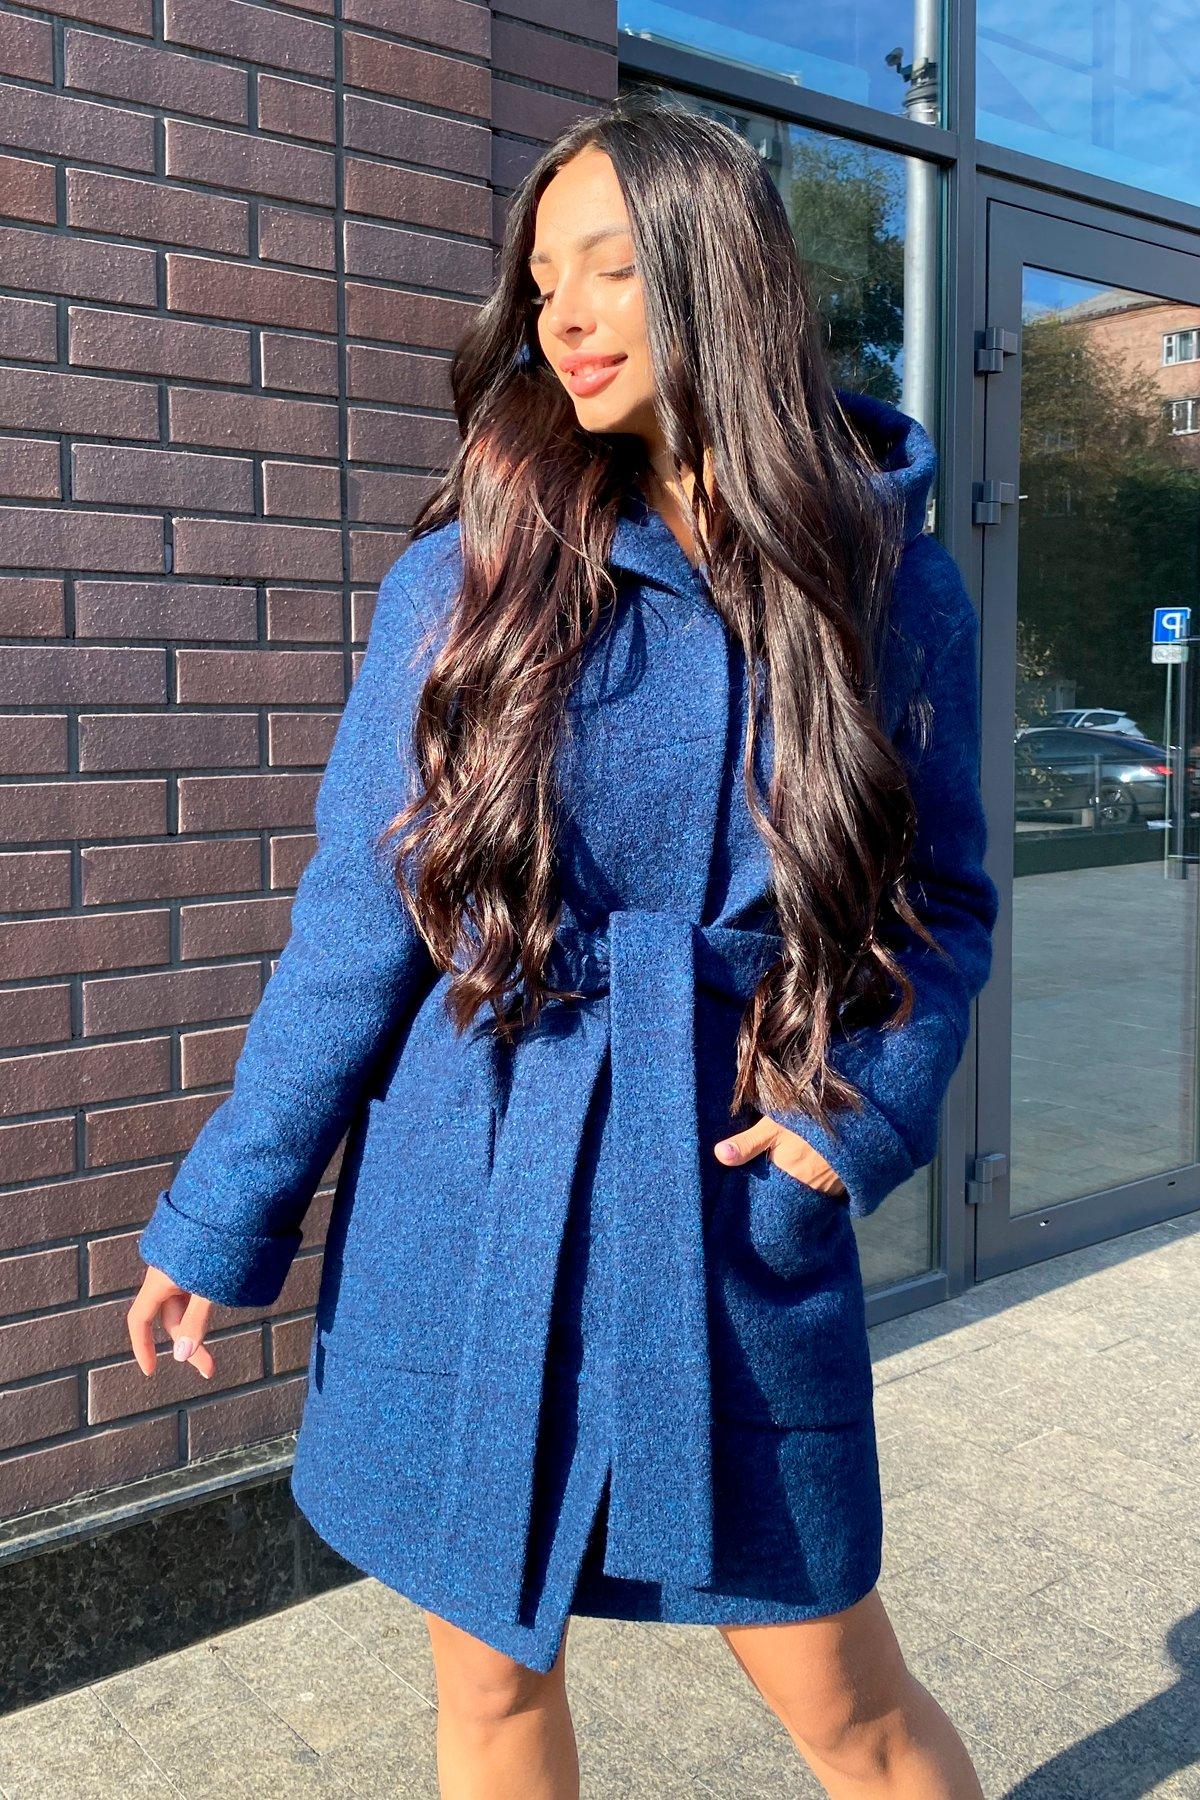 Анита шерсть варенка зима без меха пальто 9936 АРТ. 46222 Цвет: т.синий/электрик 27 - фото 3, интернет магазин tm-modus.ru